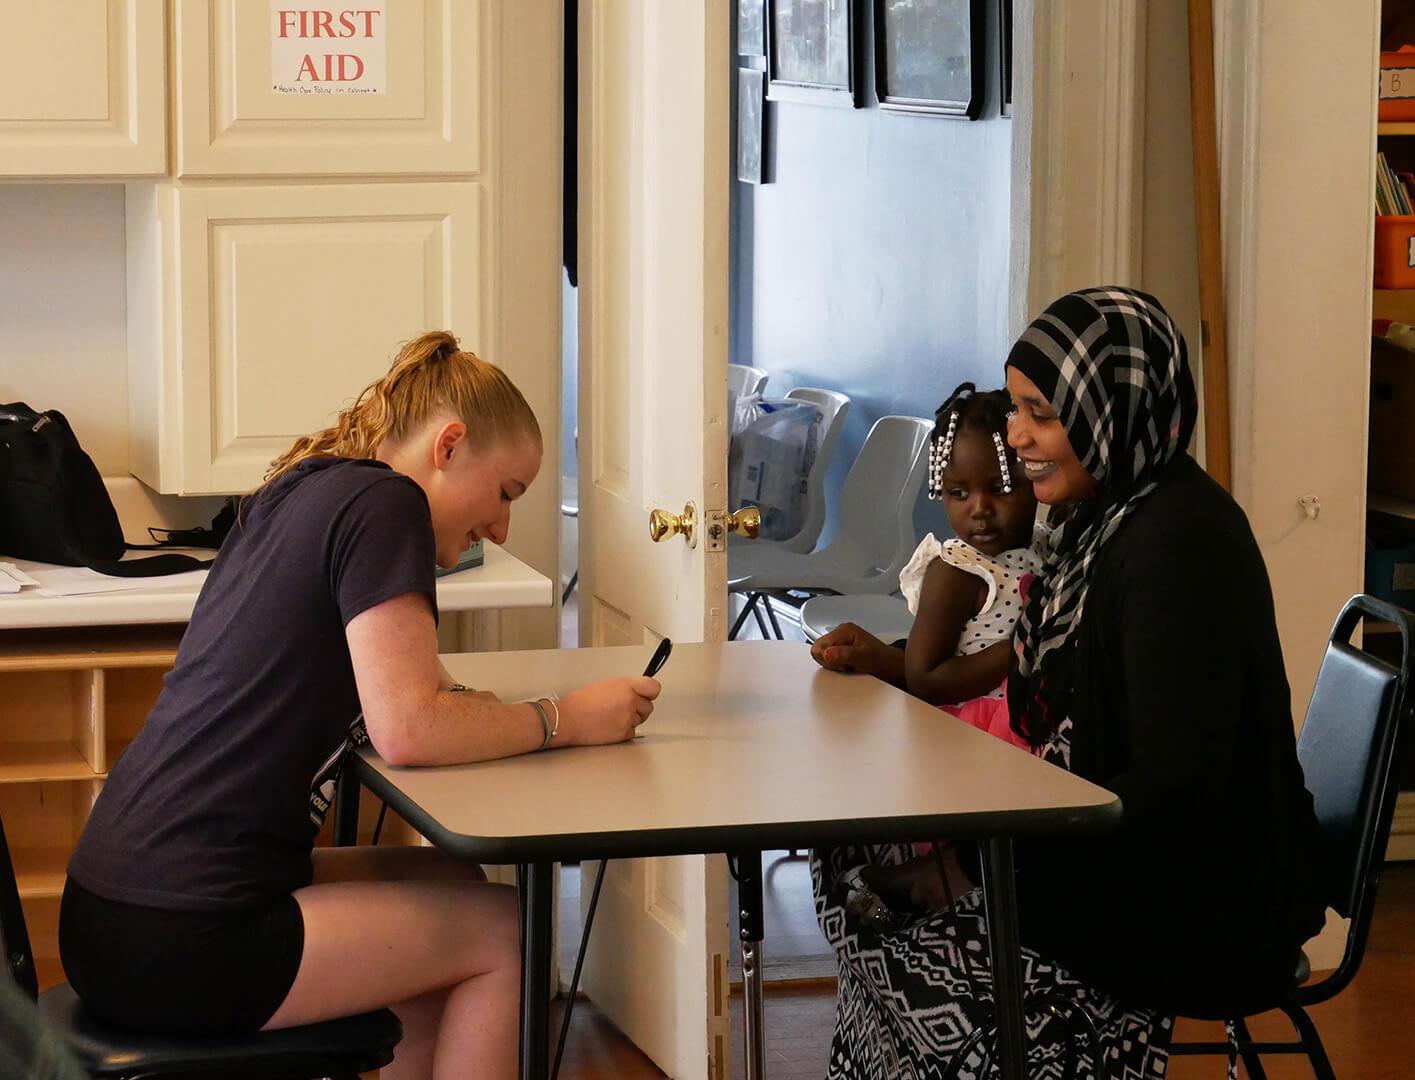 Elementary education major Victoria Wanko '21 at Gray House